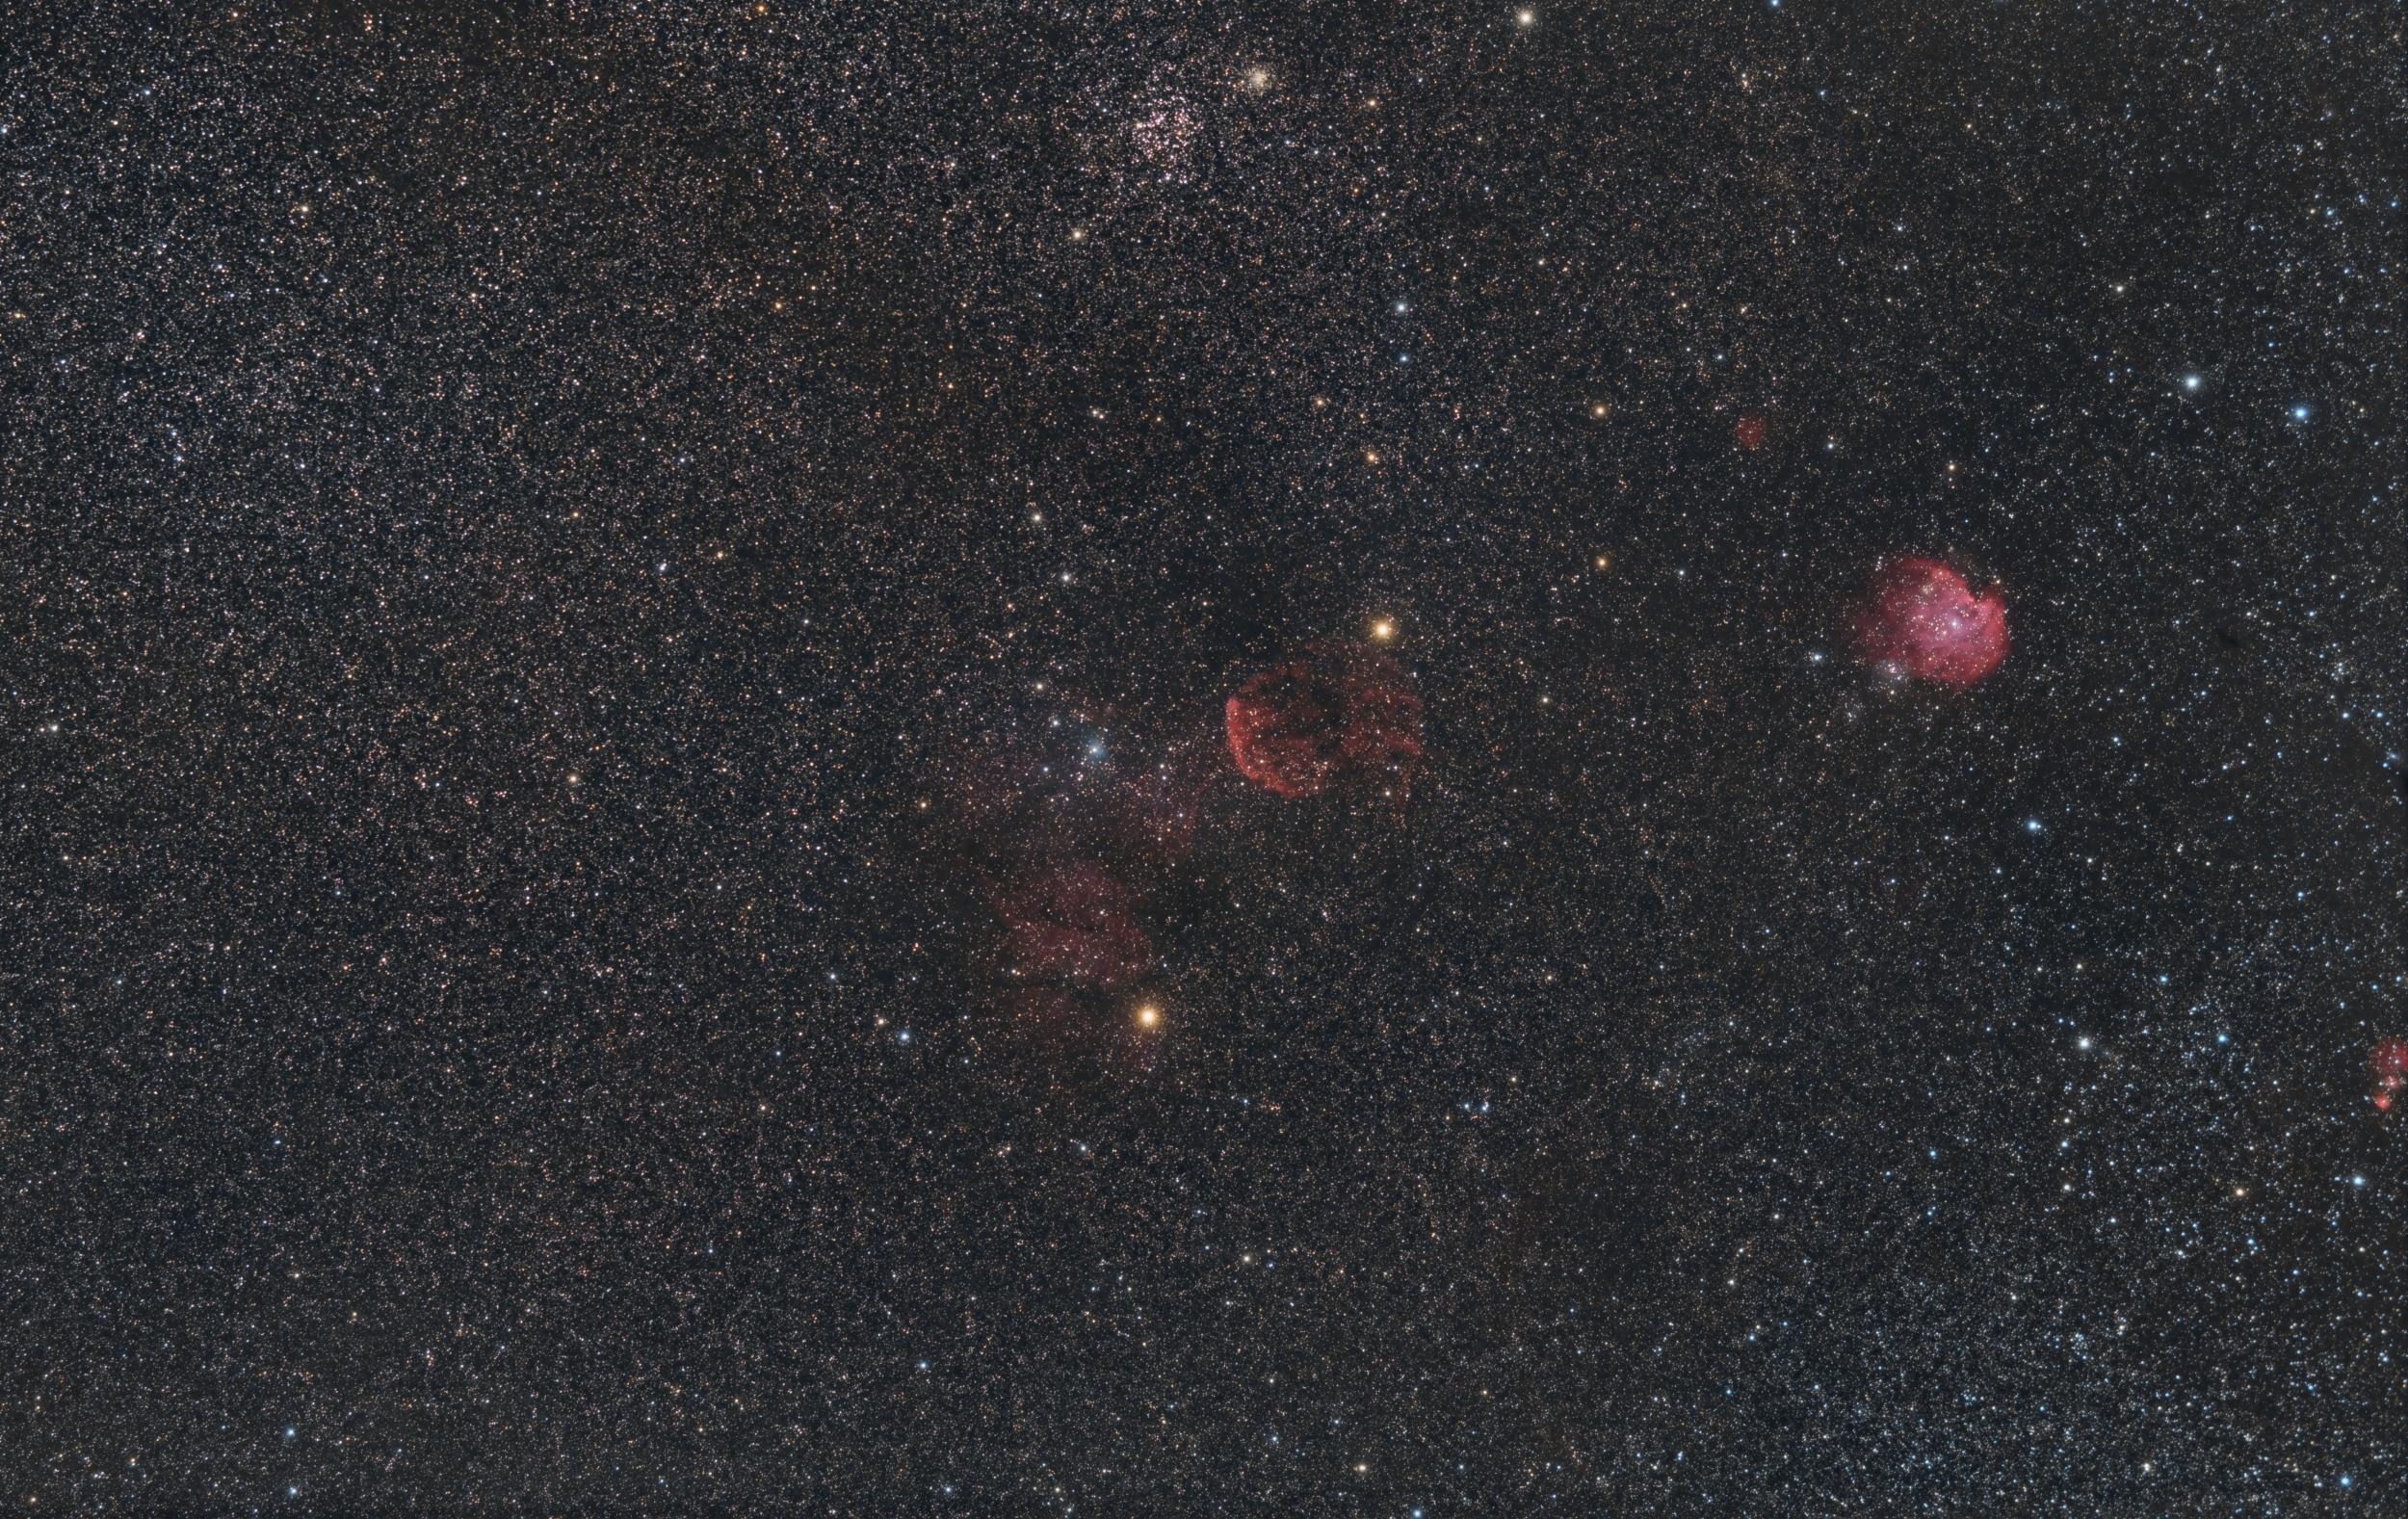 IC443_NGC2174_M35_NGC2158_Sh2_254